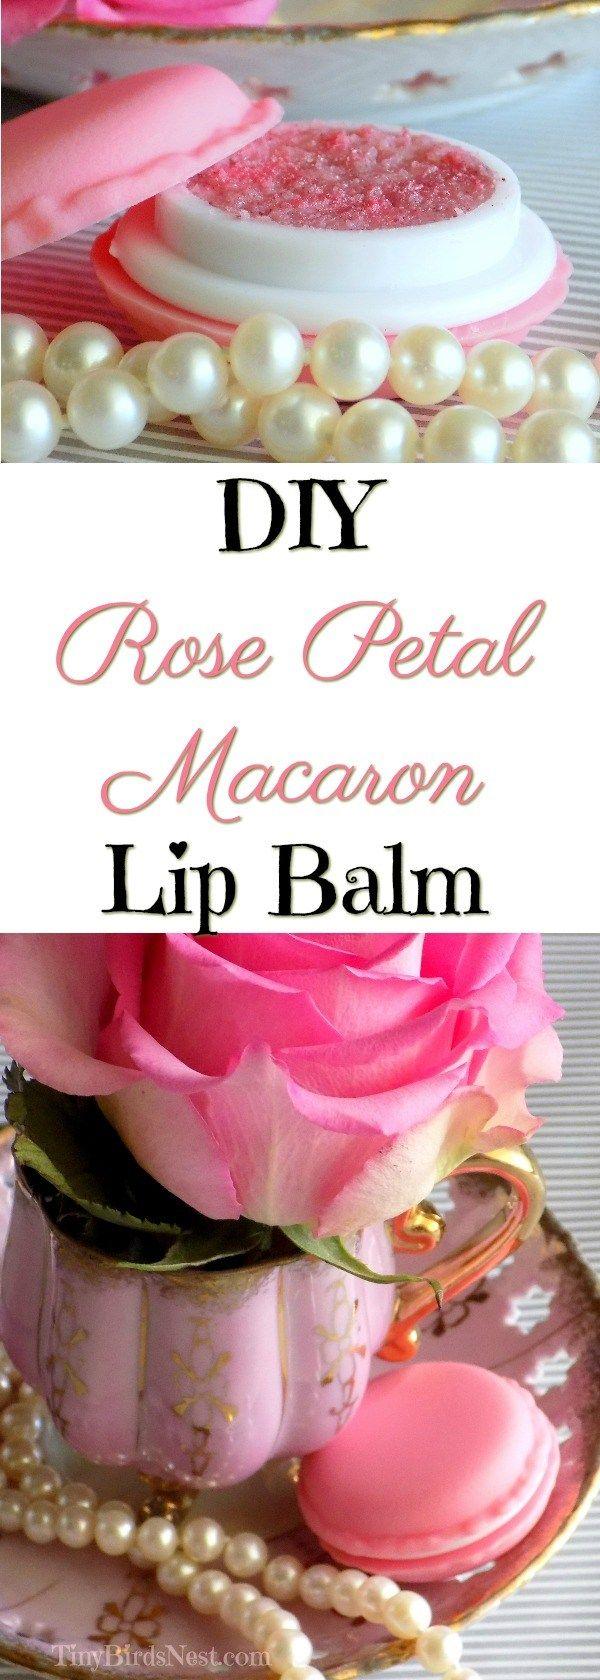 Rose Petal Macaron Lip Balm DIY Tutorial - Tiny Bird's Nest